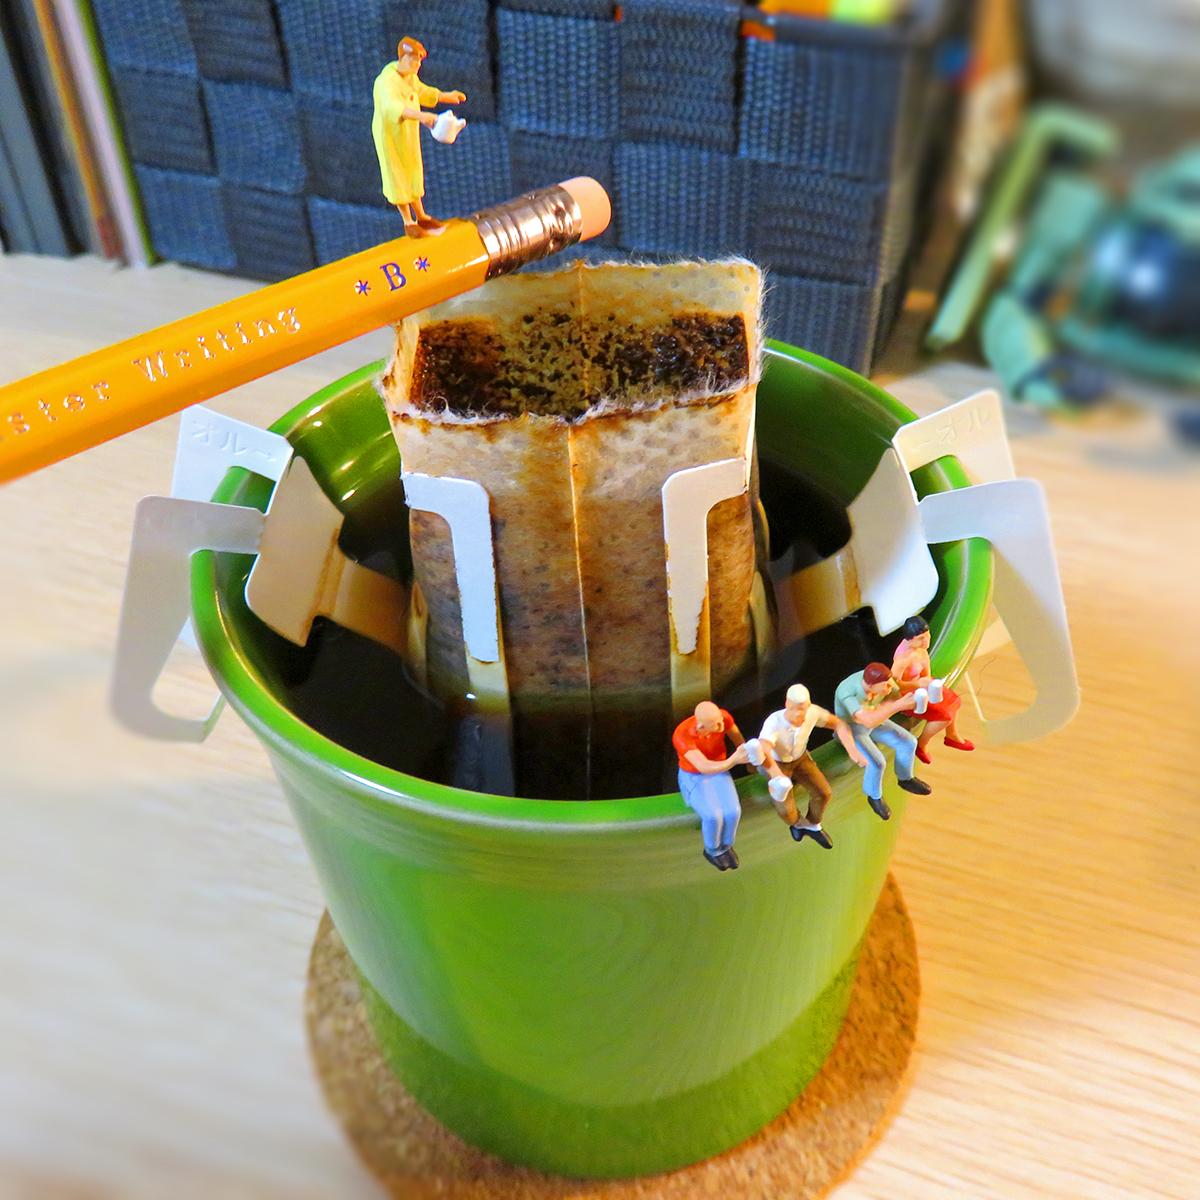 コーヒーを淹れるオバさんとコーヒーブレイクする人達